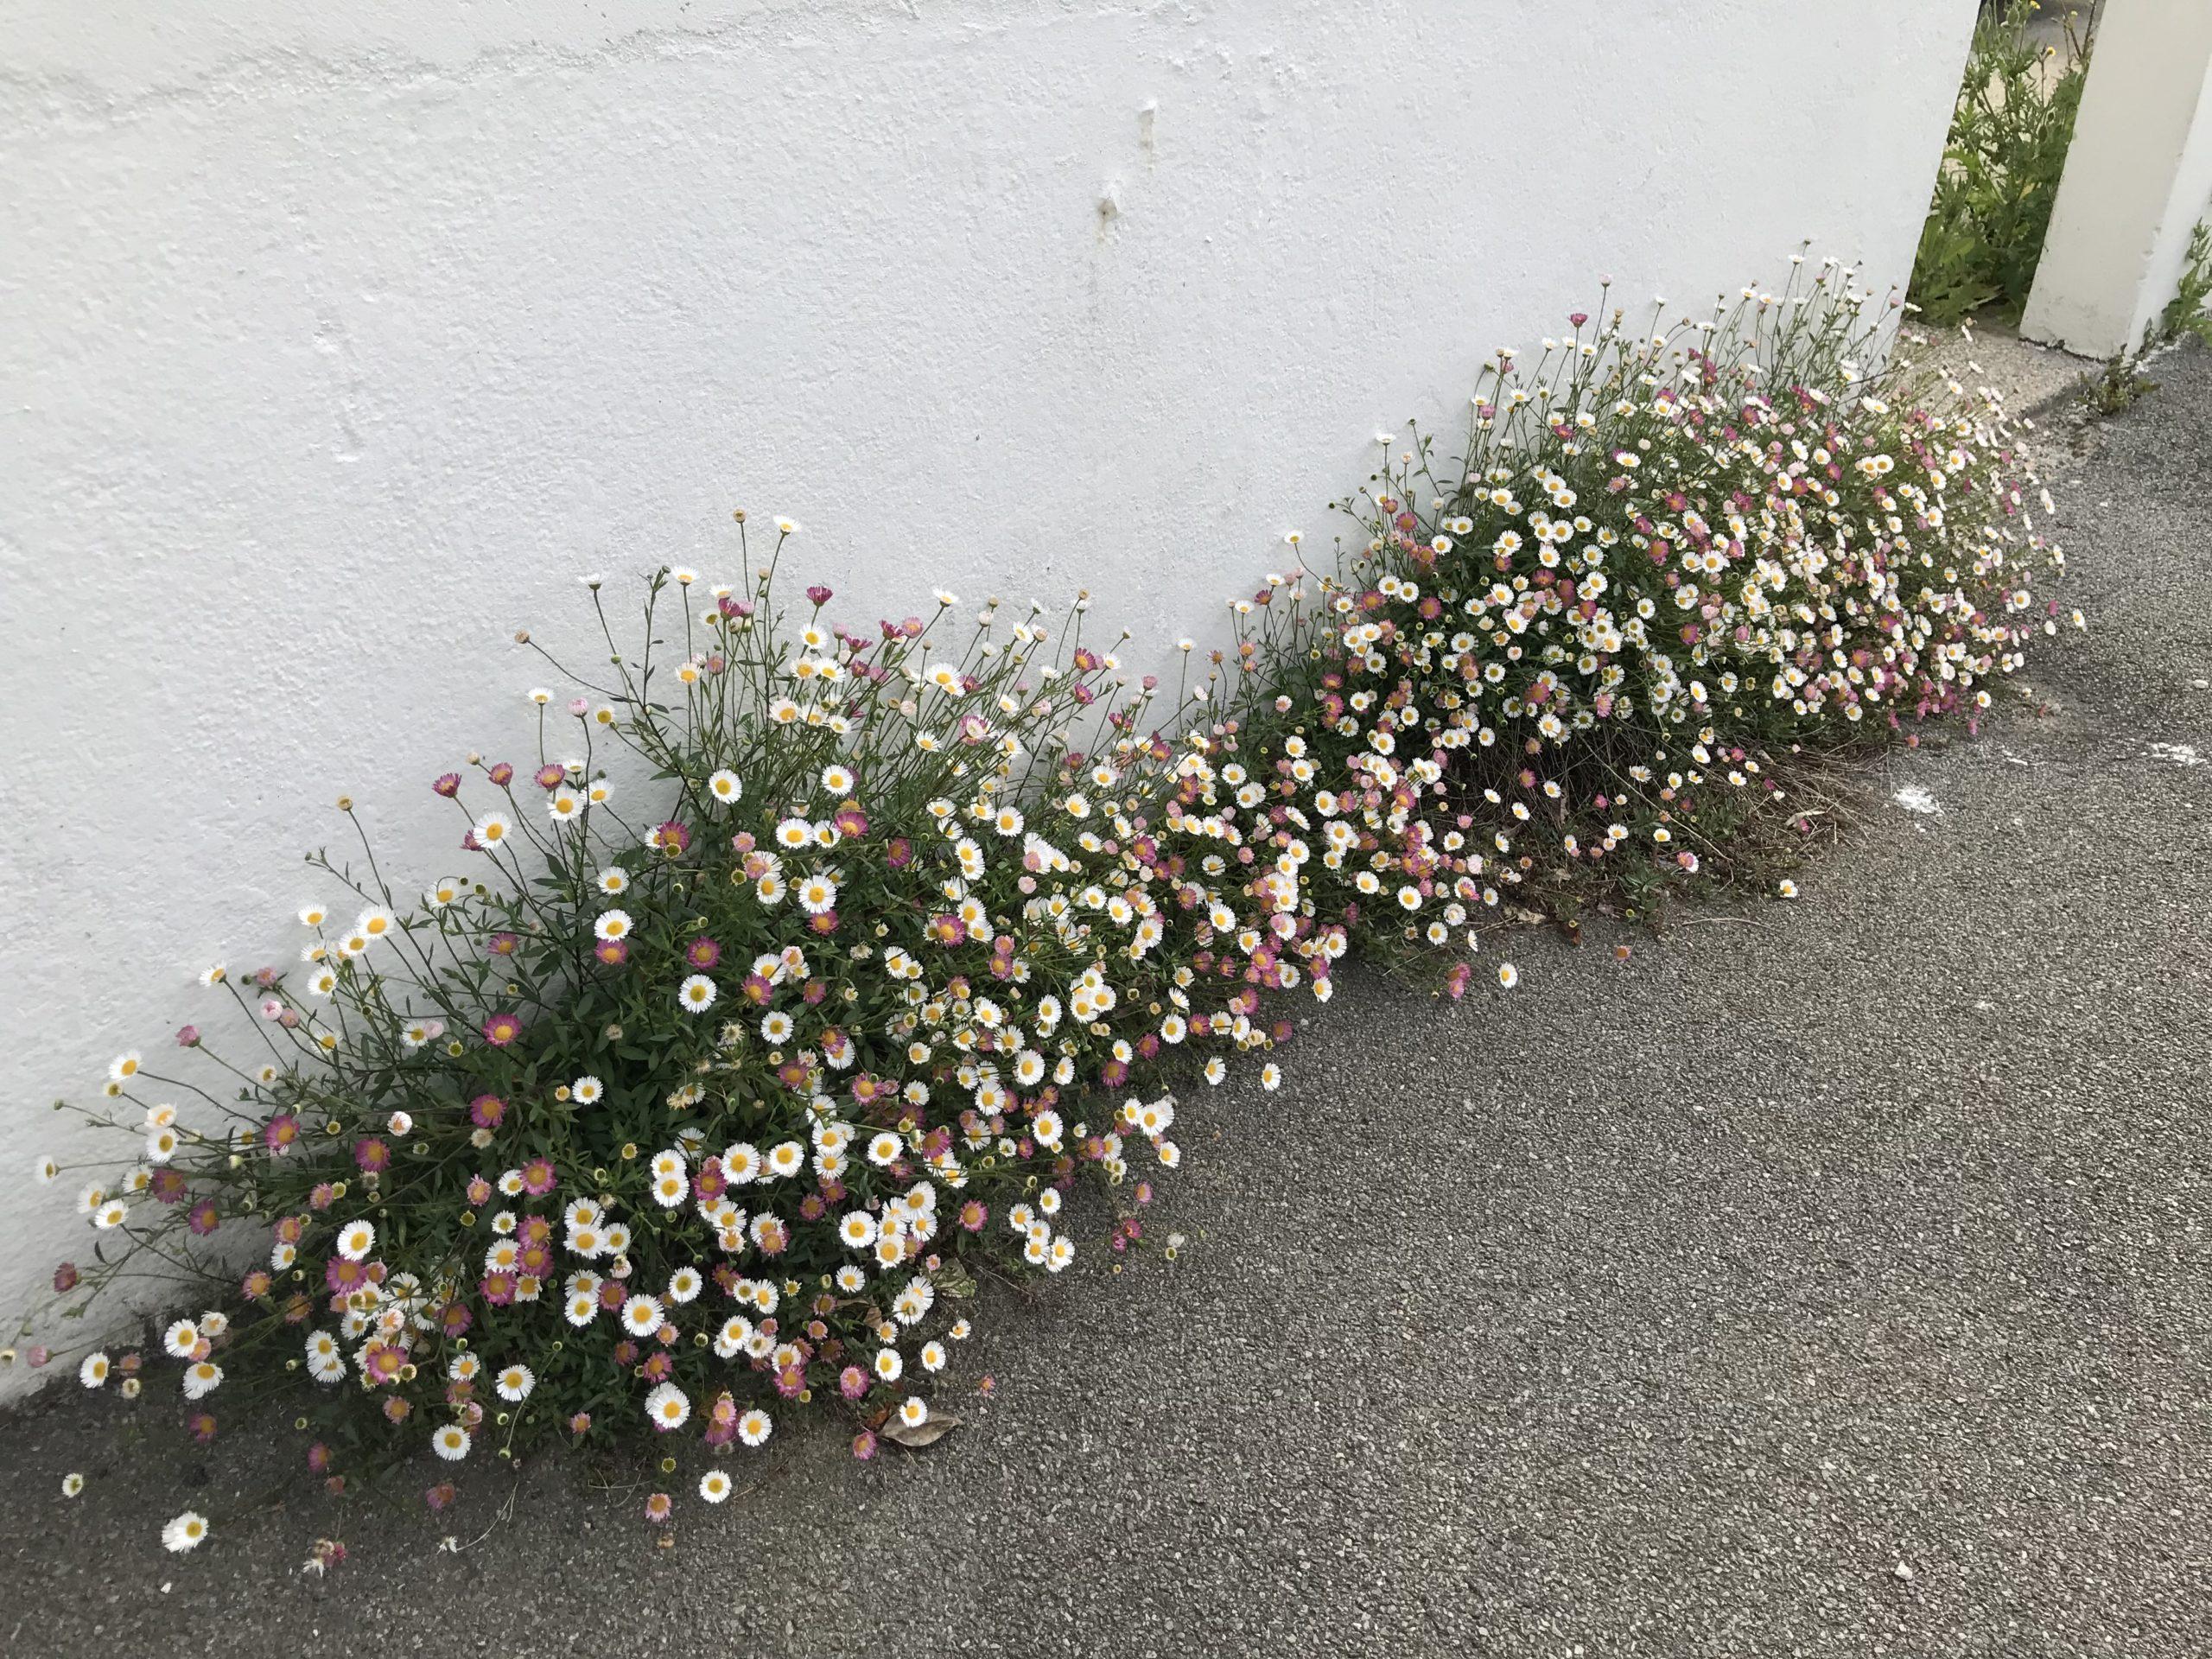 Erigeron en fleurs, une plante vivace florifère